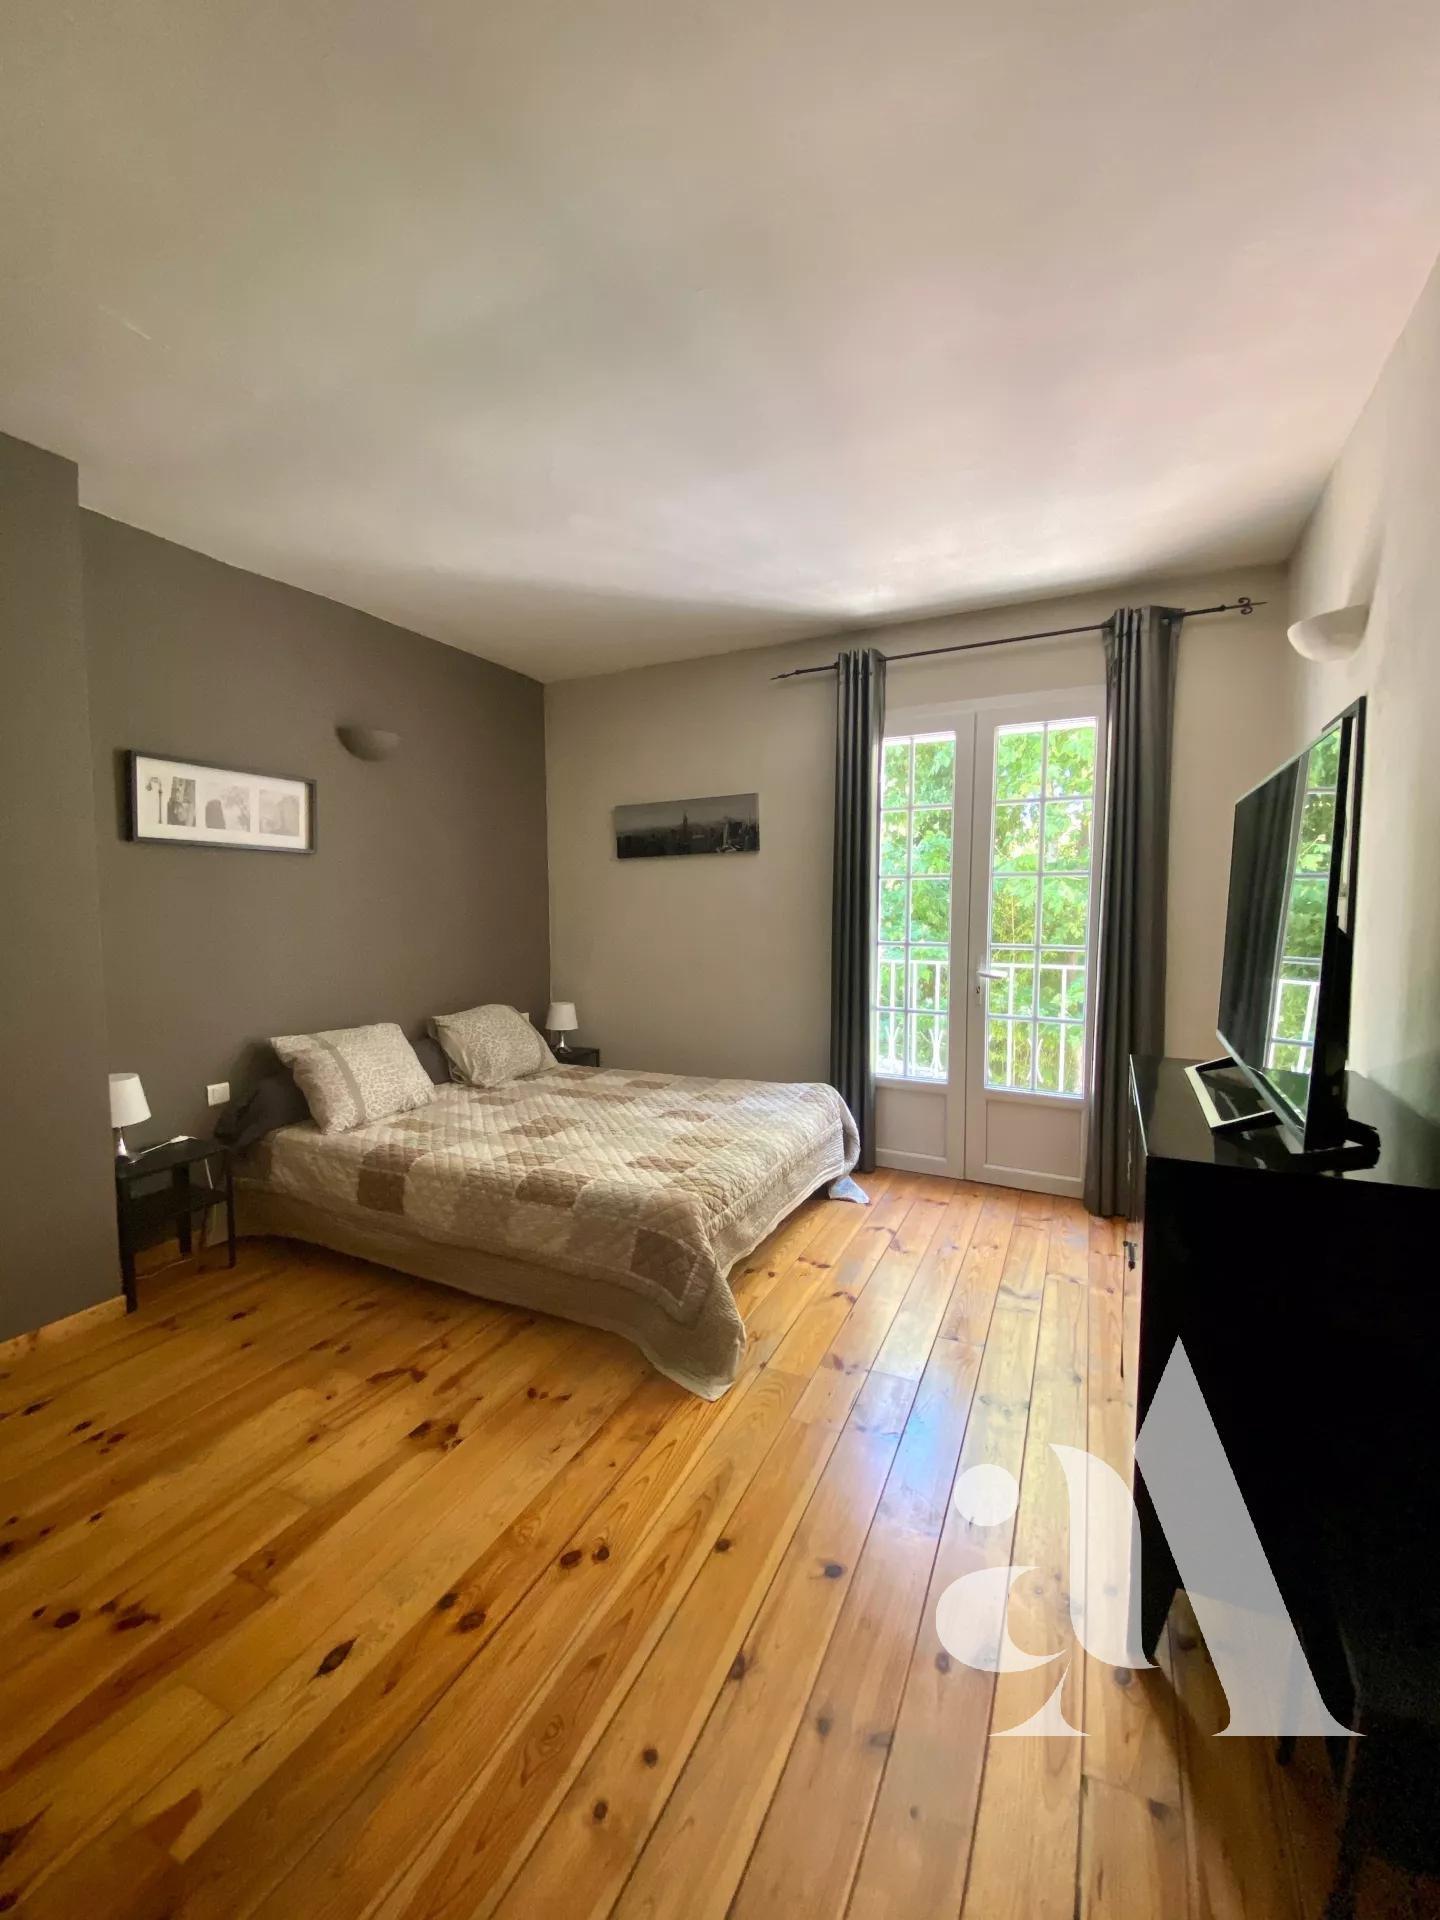 MAISON DE L'ISLE - L'ISLE SUR LA SORGUE - PROVENCE - 5 bedrooms - 12 people